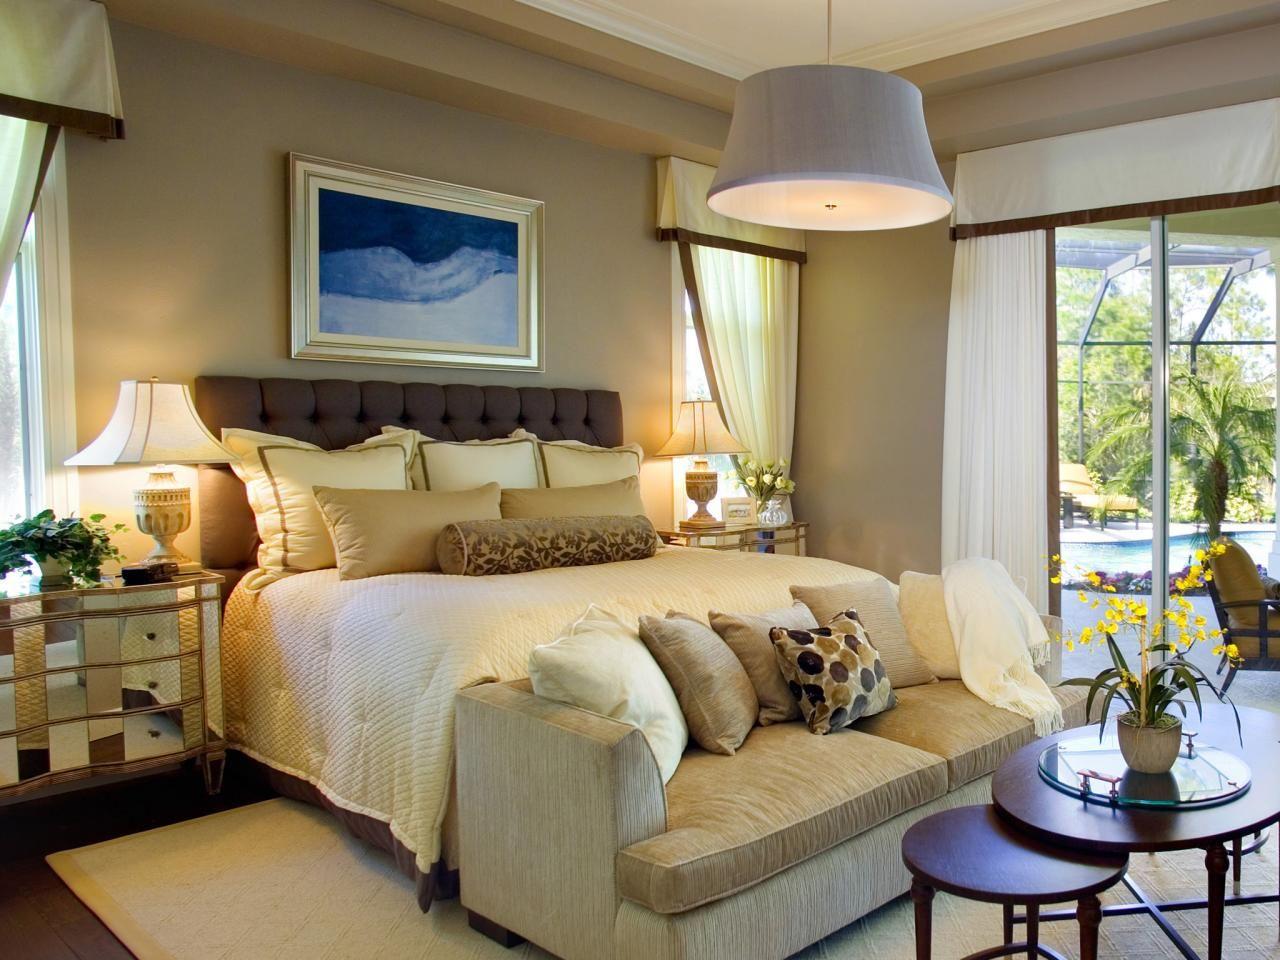 Monochromatische Stil Im Schlafzimmer: Eine Farbe, Viele Bedeutungen. Teil  Schlafzimmer